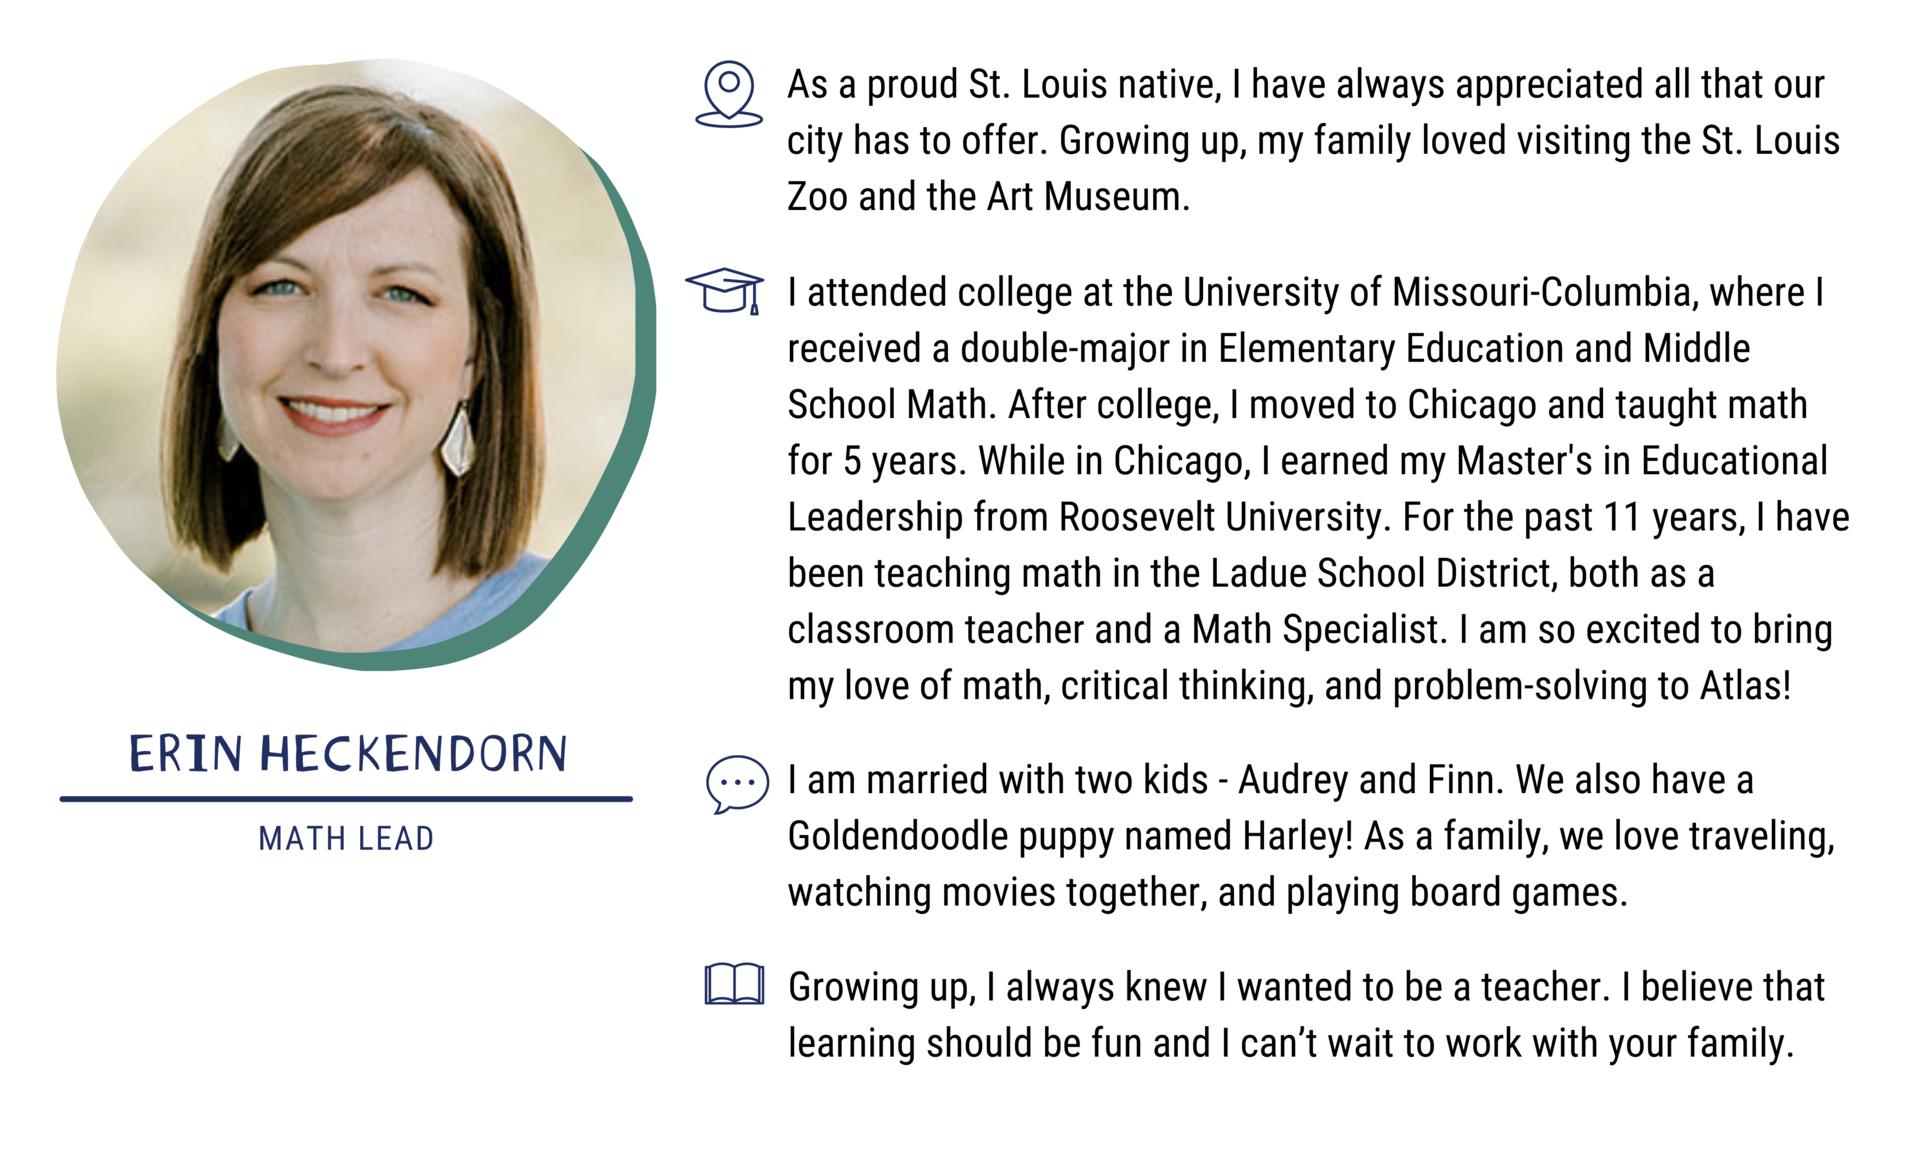 Erin Heckendorn, Math